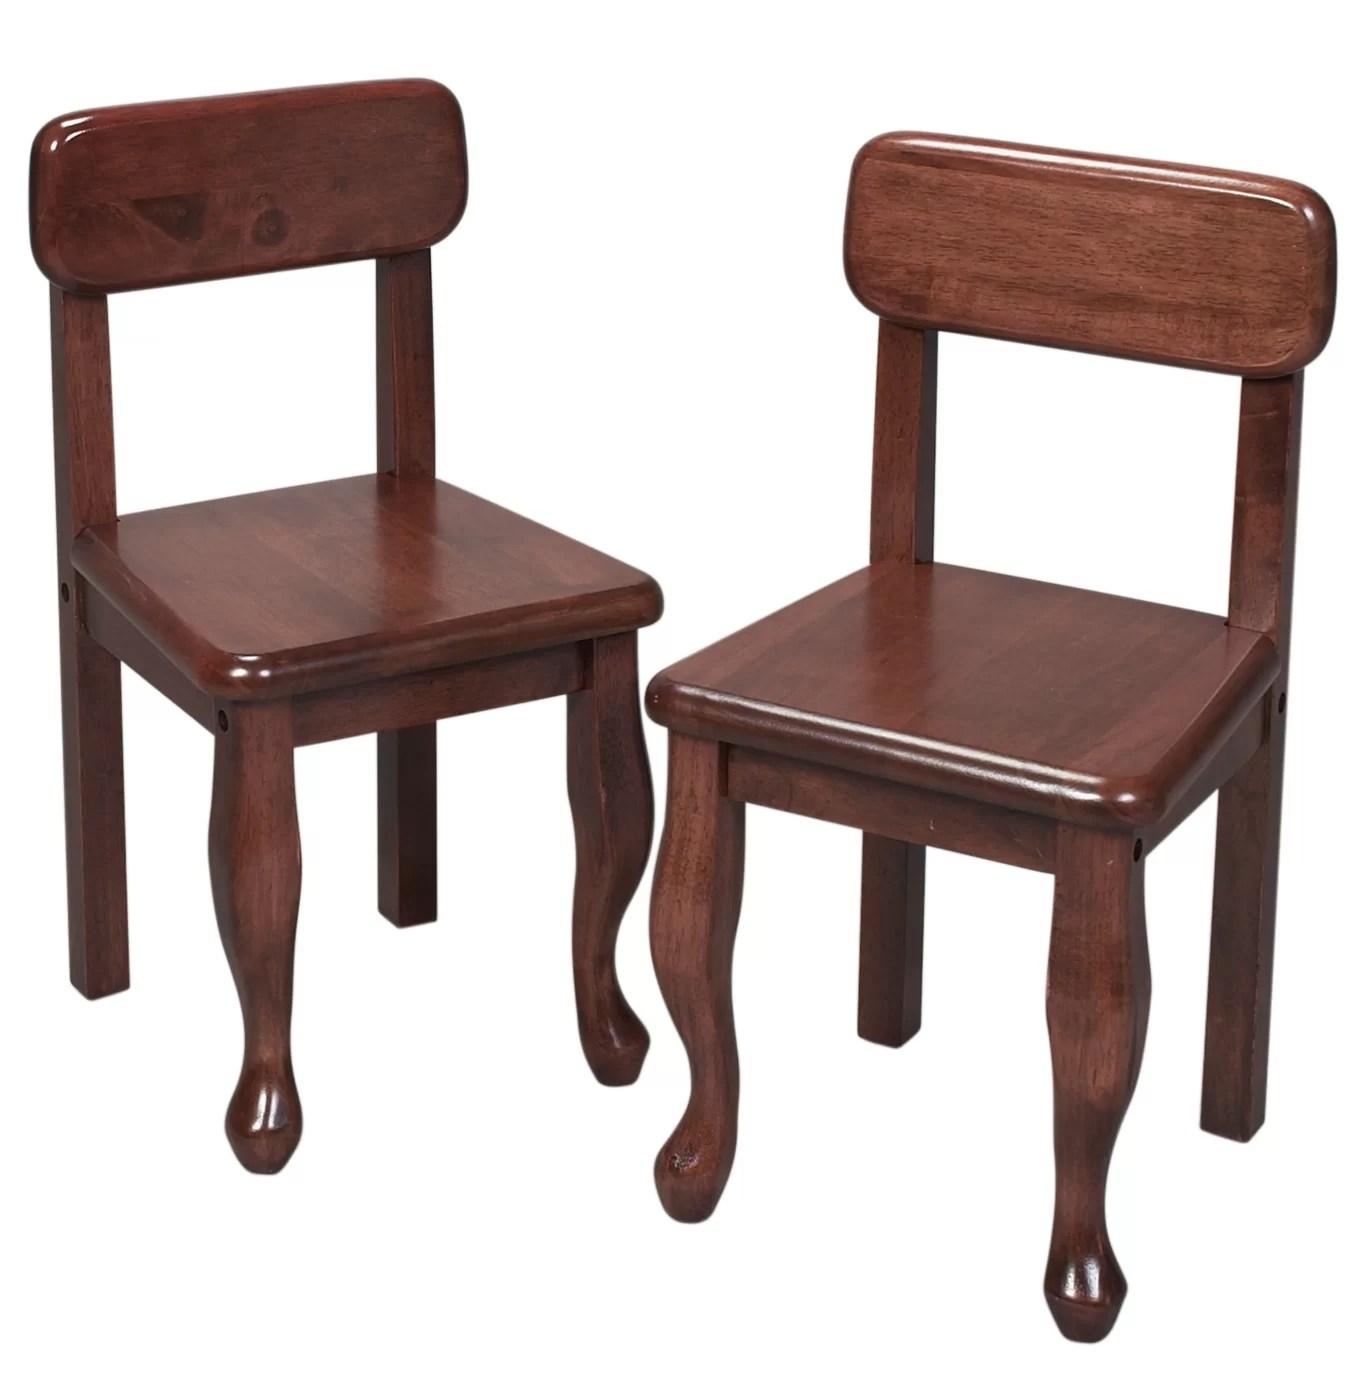 Harriet Bee Tazewell Child S Desk Chair Reviews Wayfair